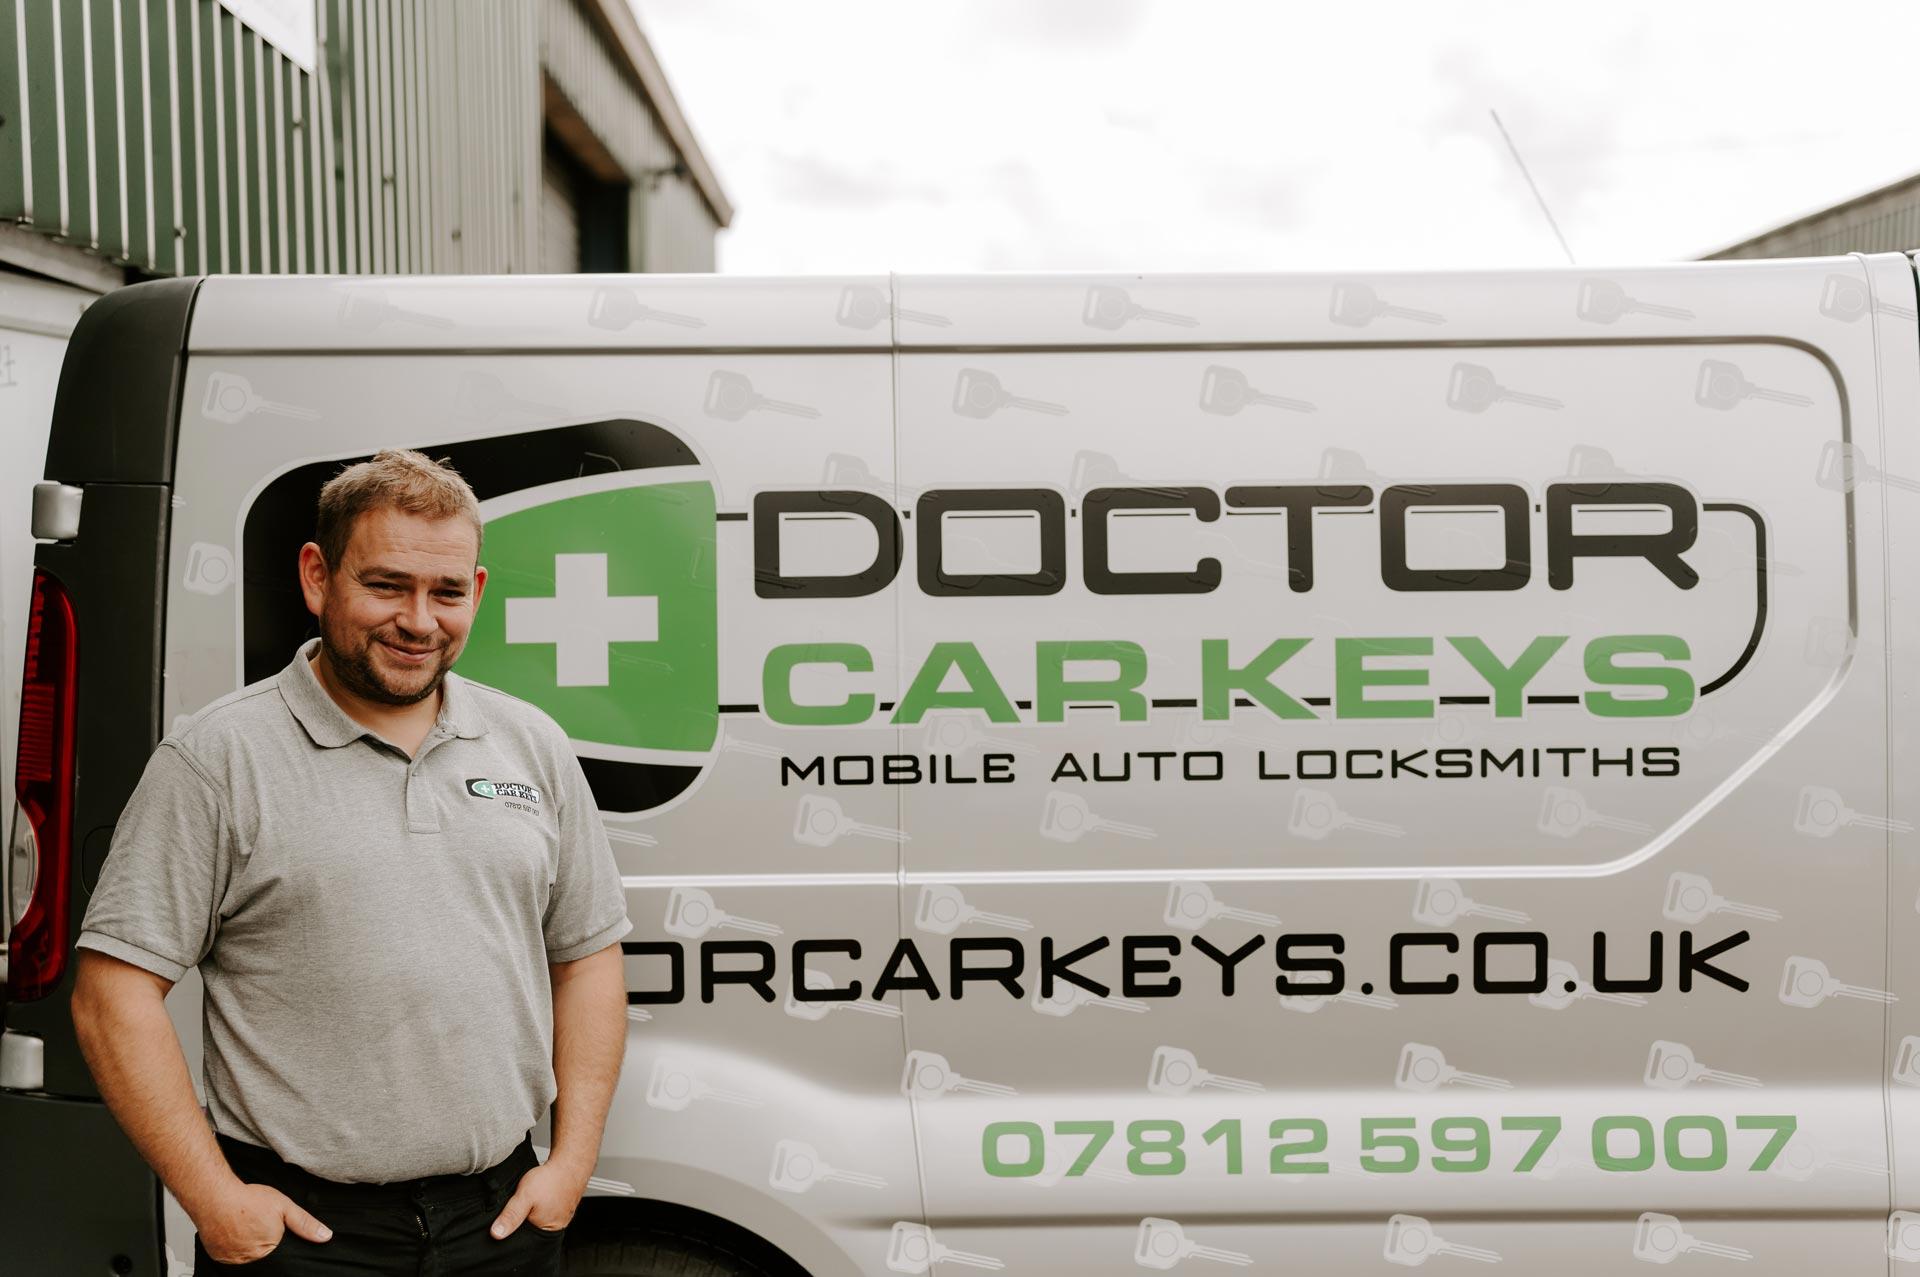 Auto Locksmiths in Maidenhead